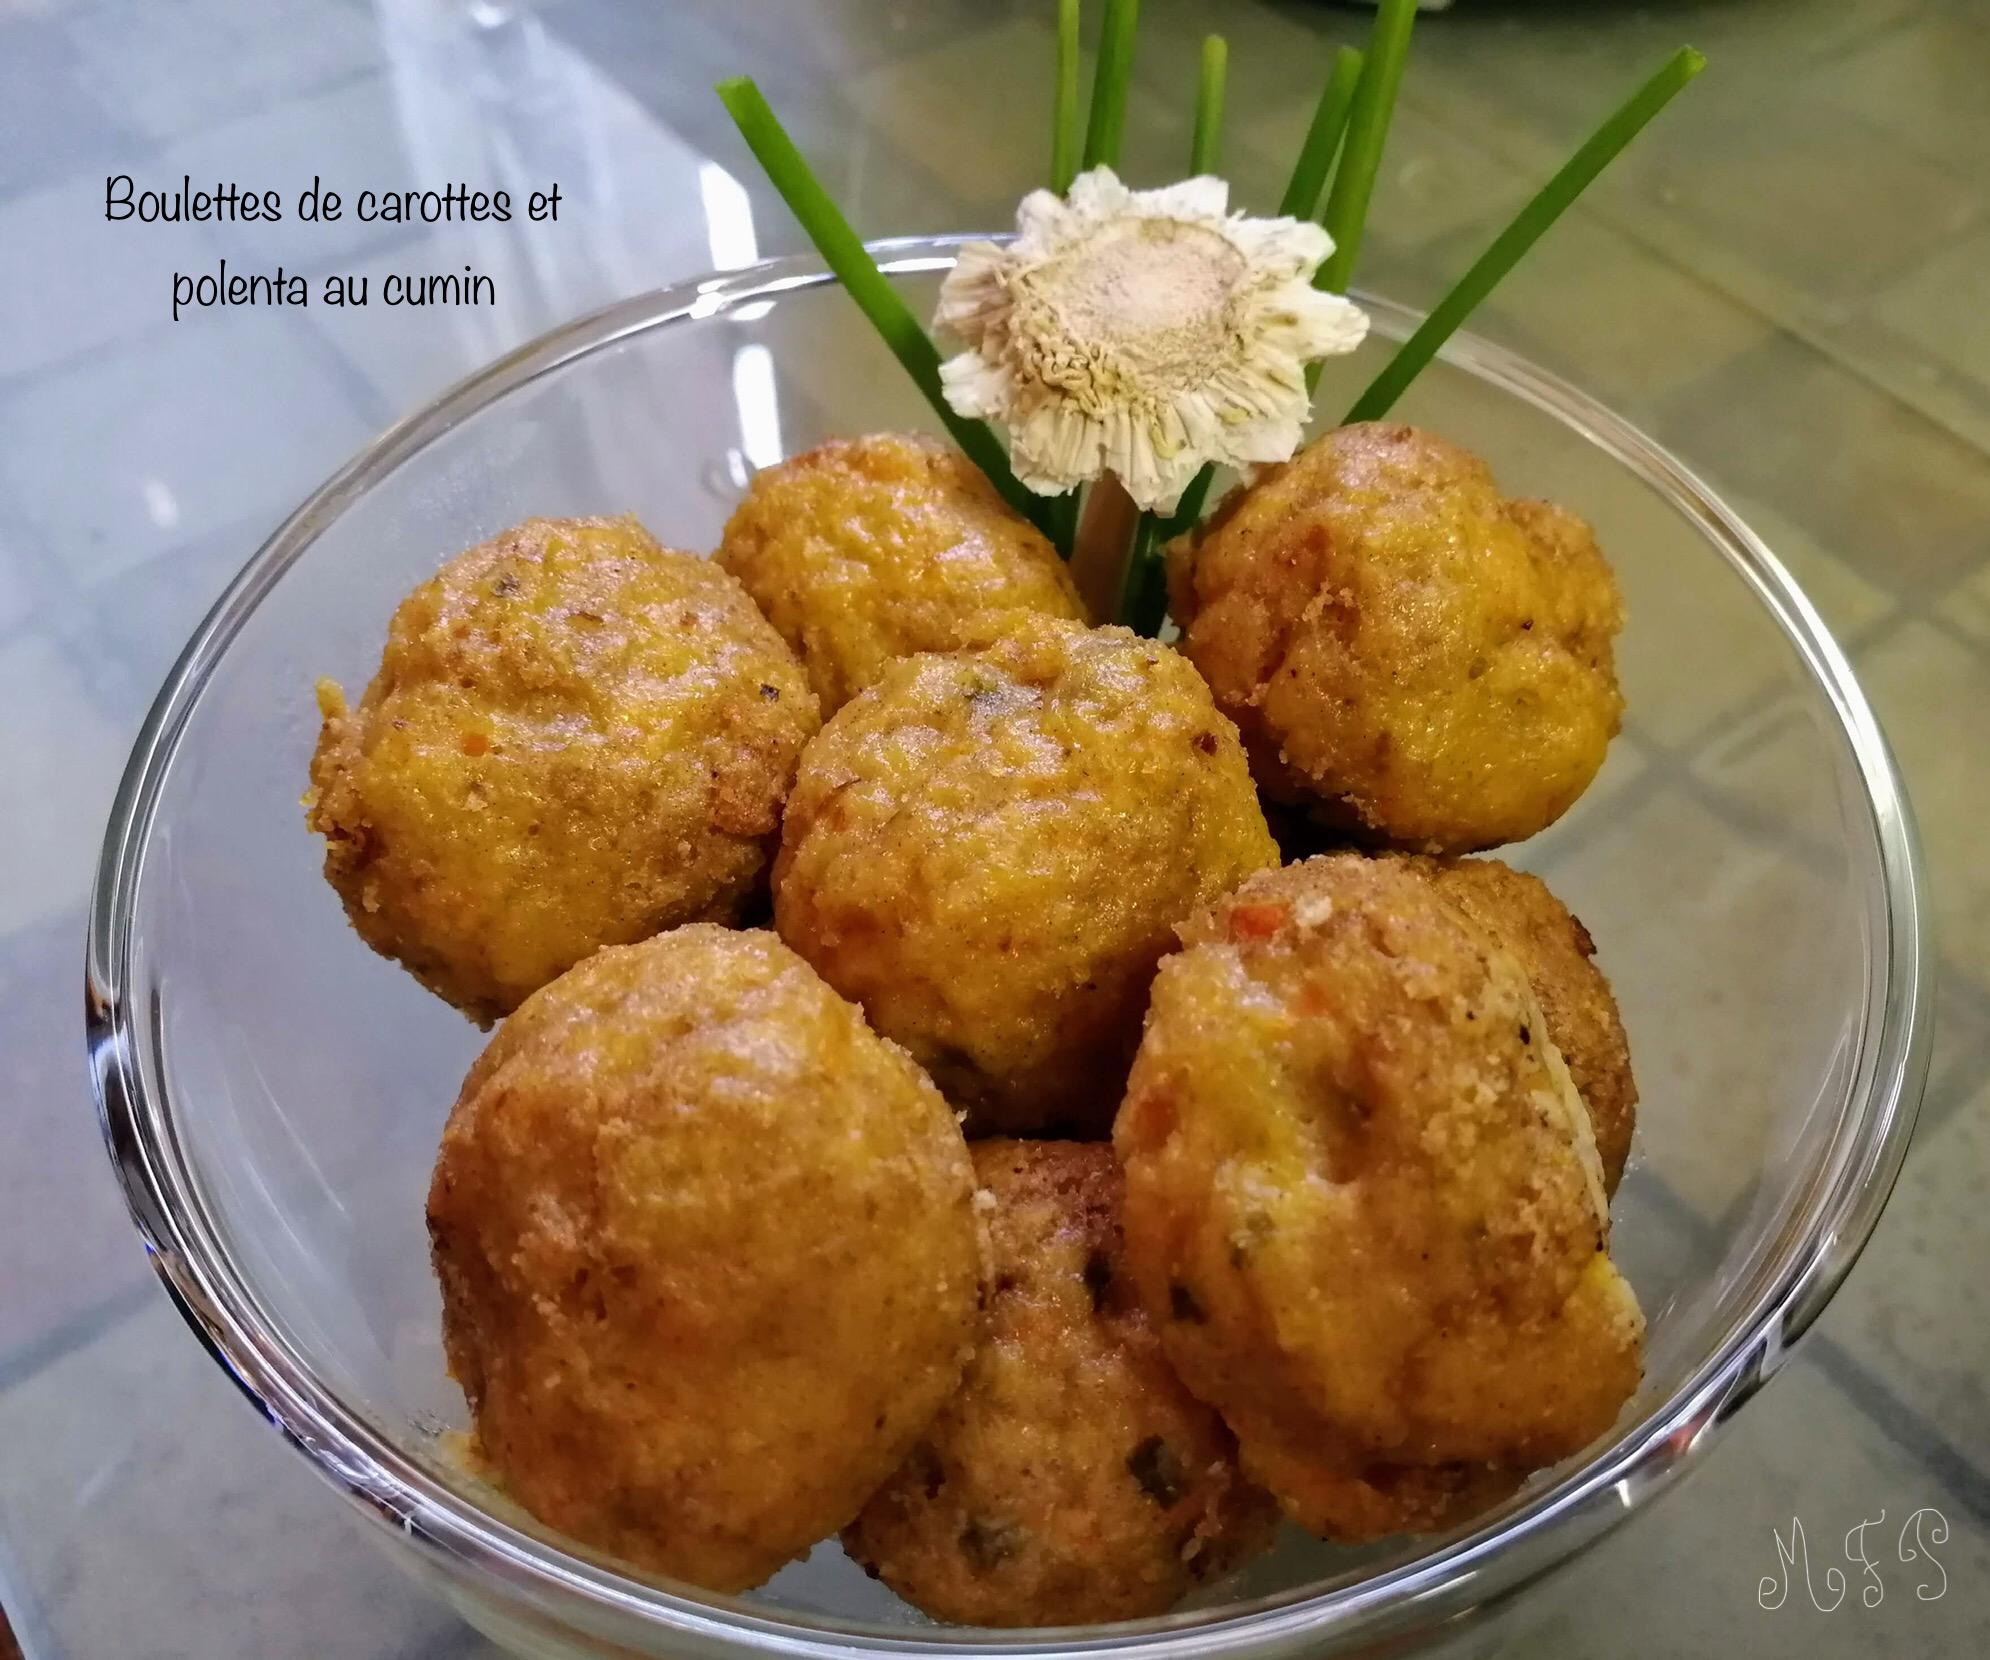 Boulettes De Polenta Et Carottes Au Cumin Cuisine Vegetarienne